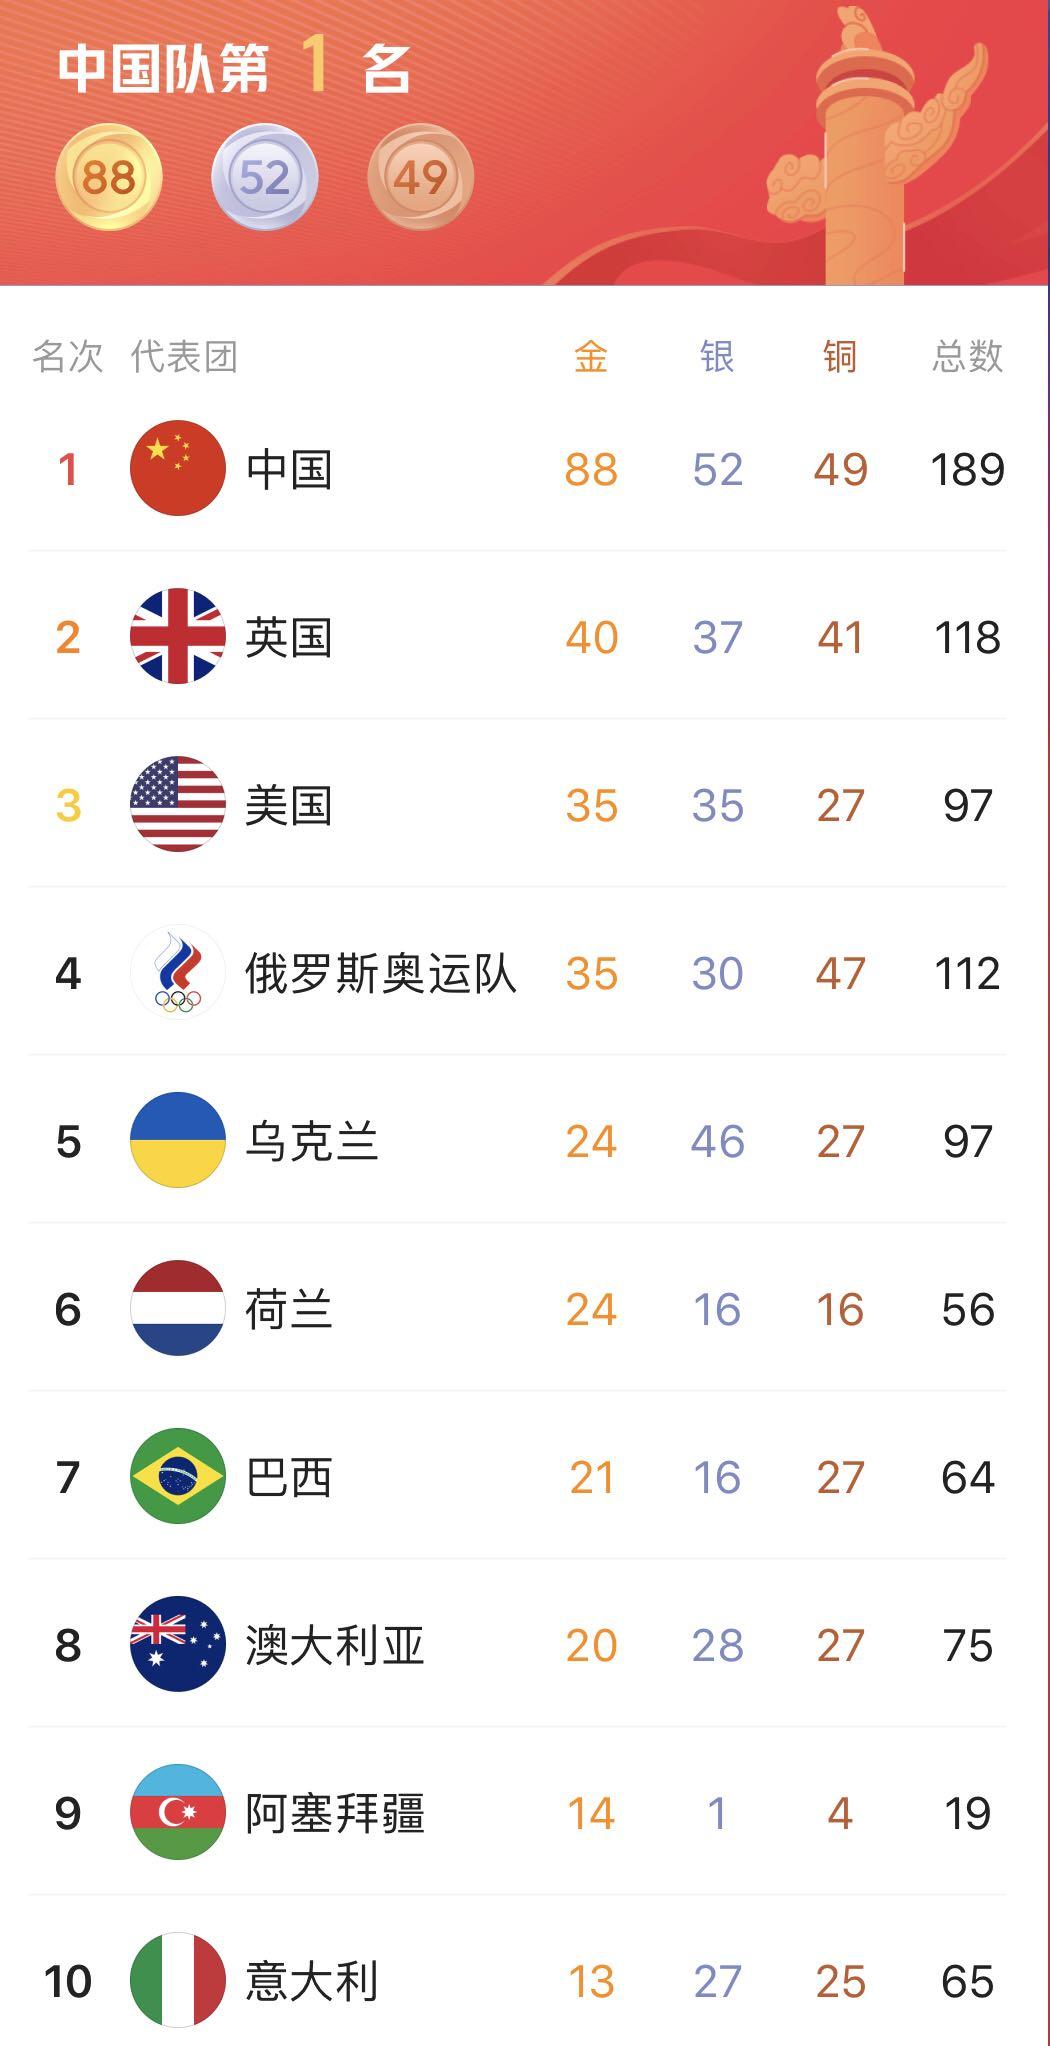 2021东京残奥会奖牌榜排名最终版 中国获奖金牌数+名单